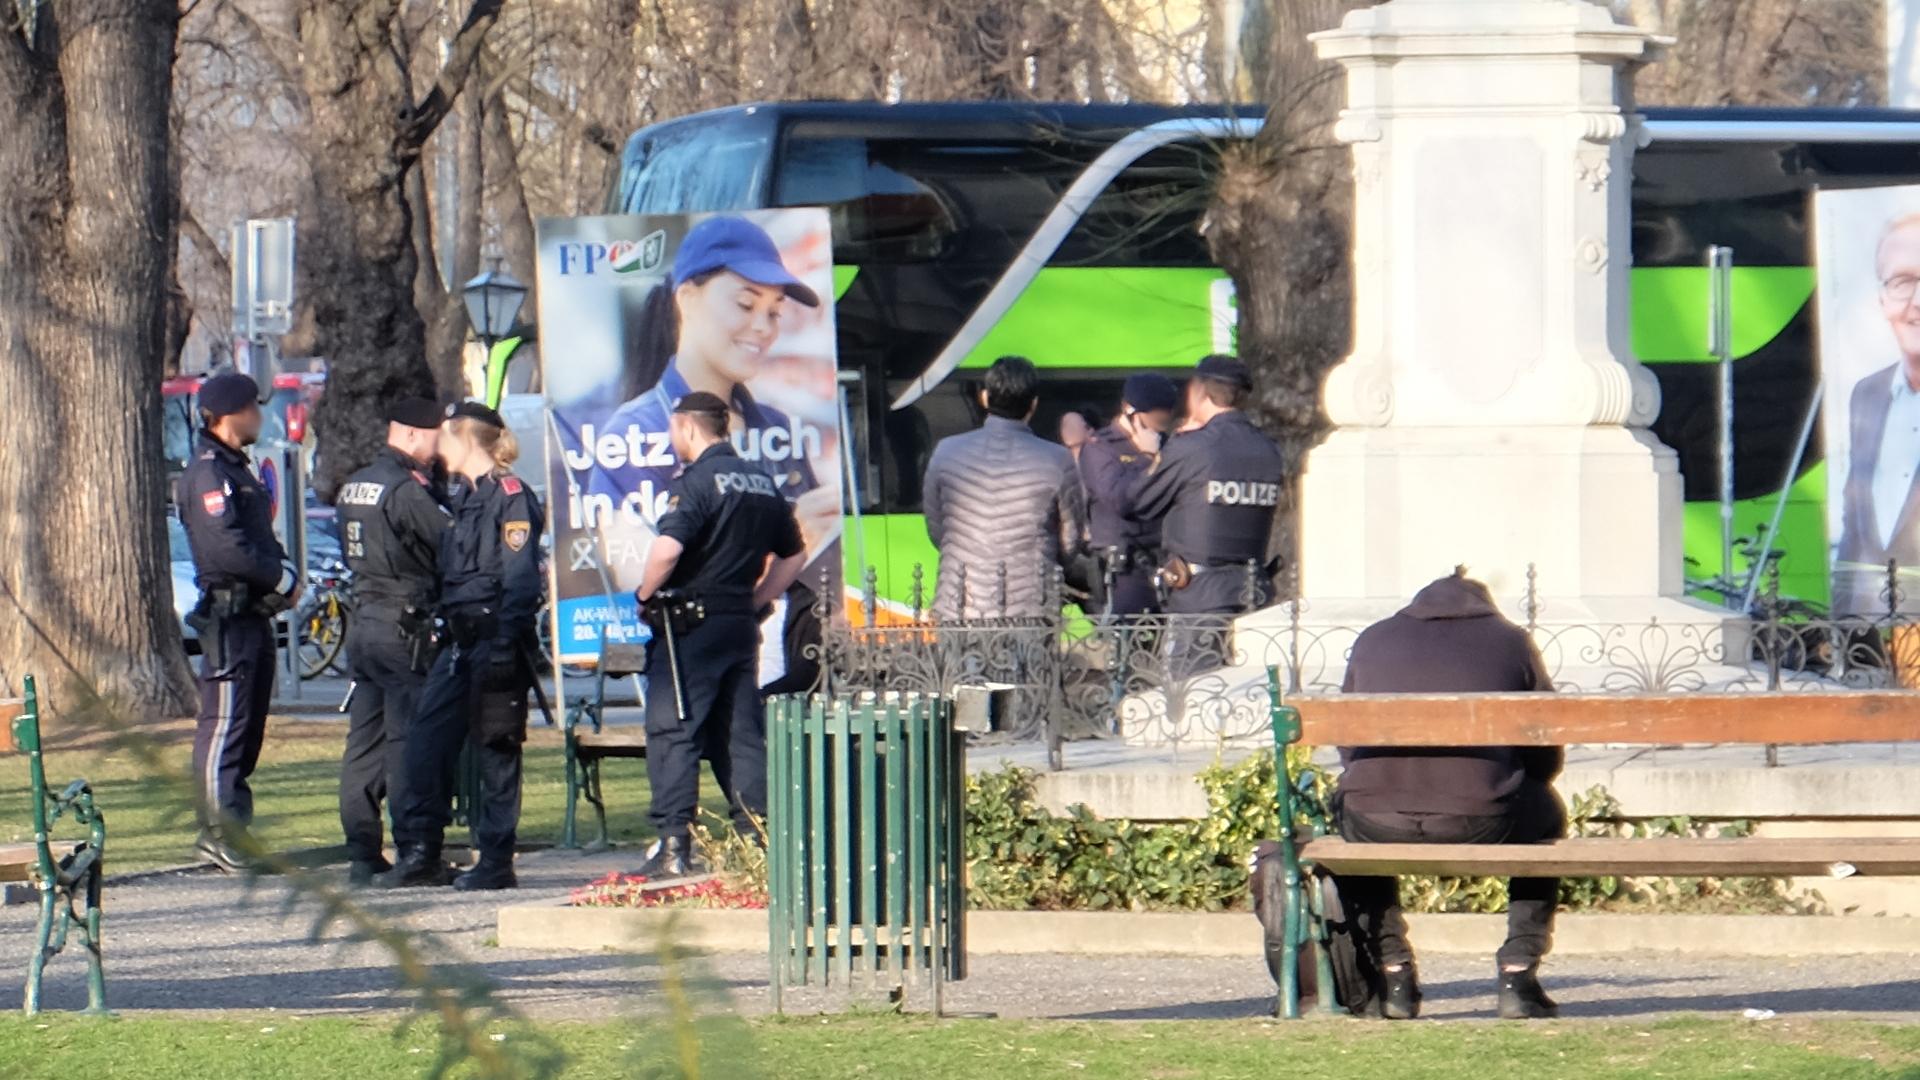 Polizei-Schutzzonen-Politik-Graz-Österreich-Polizei-Einsatz